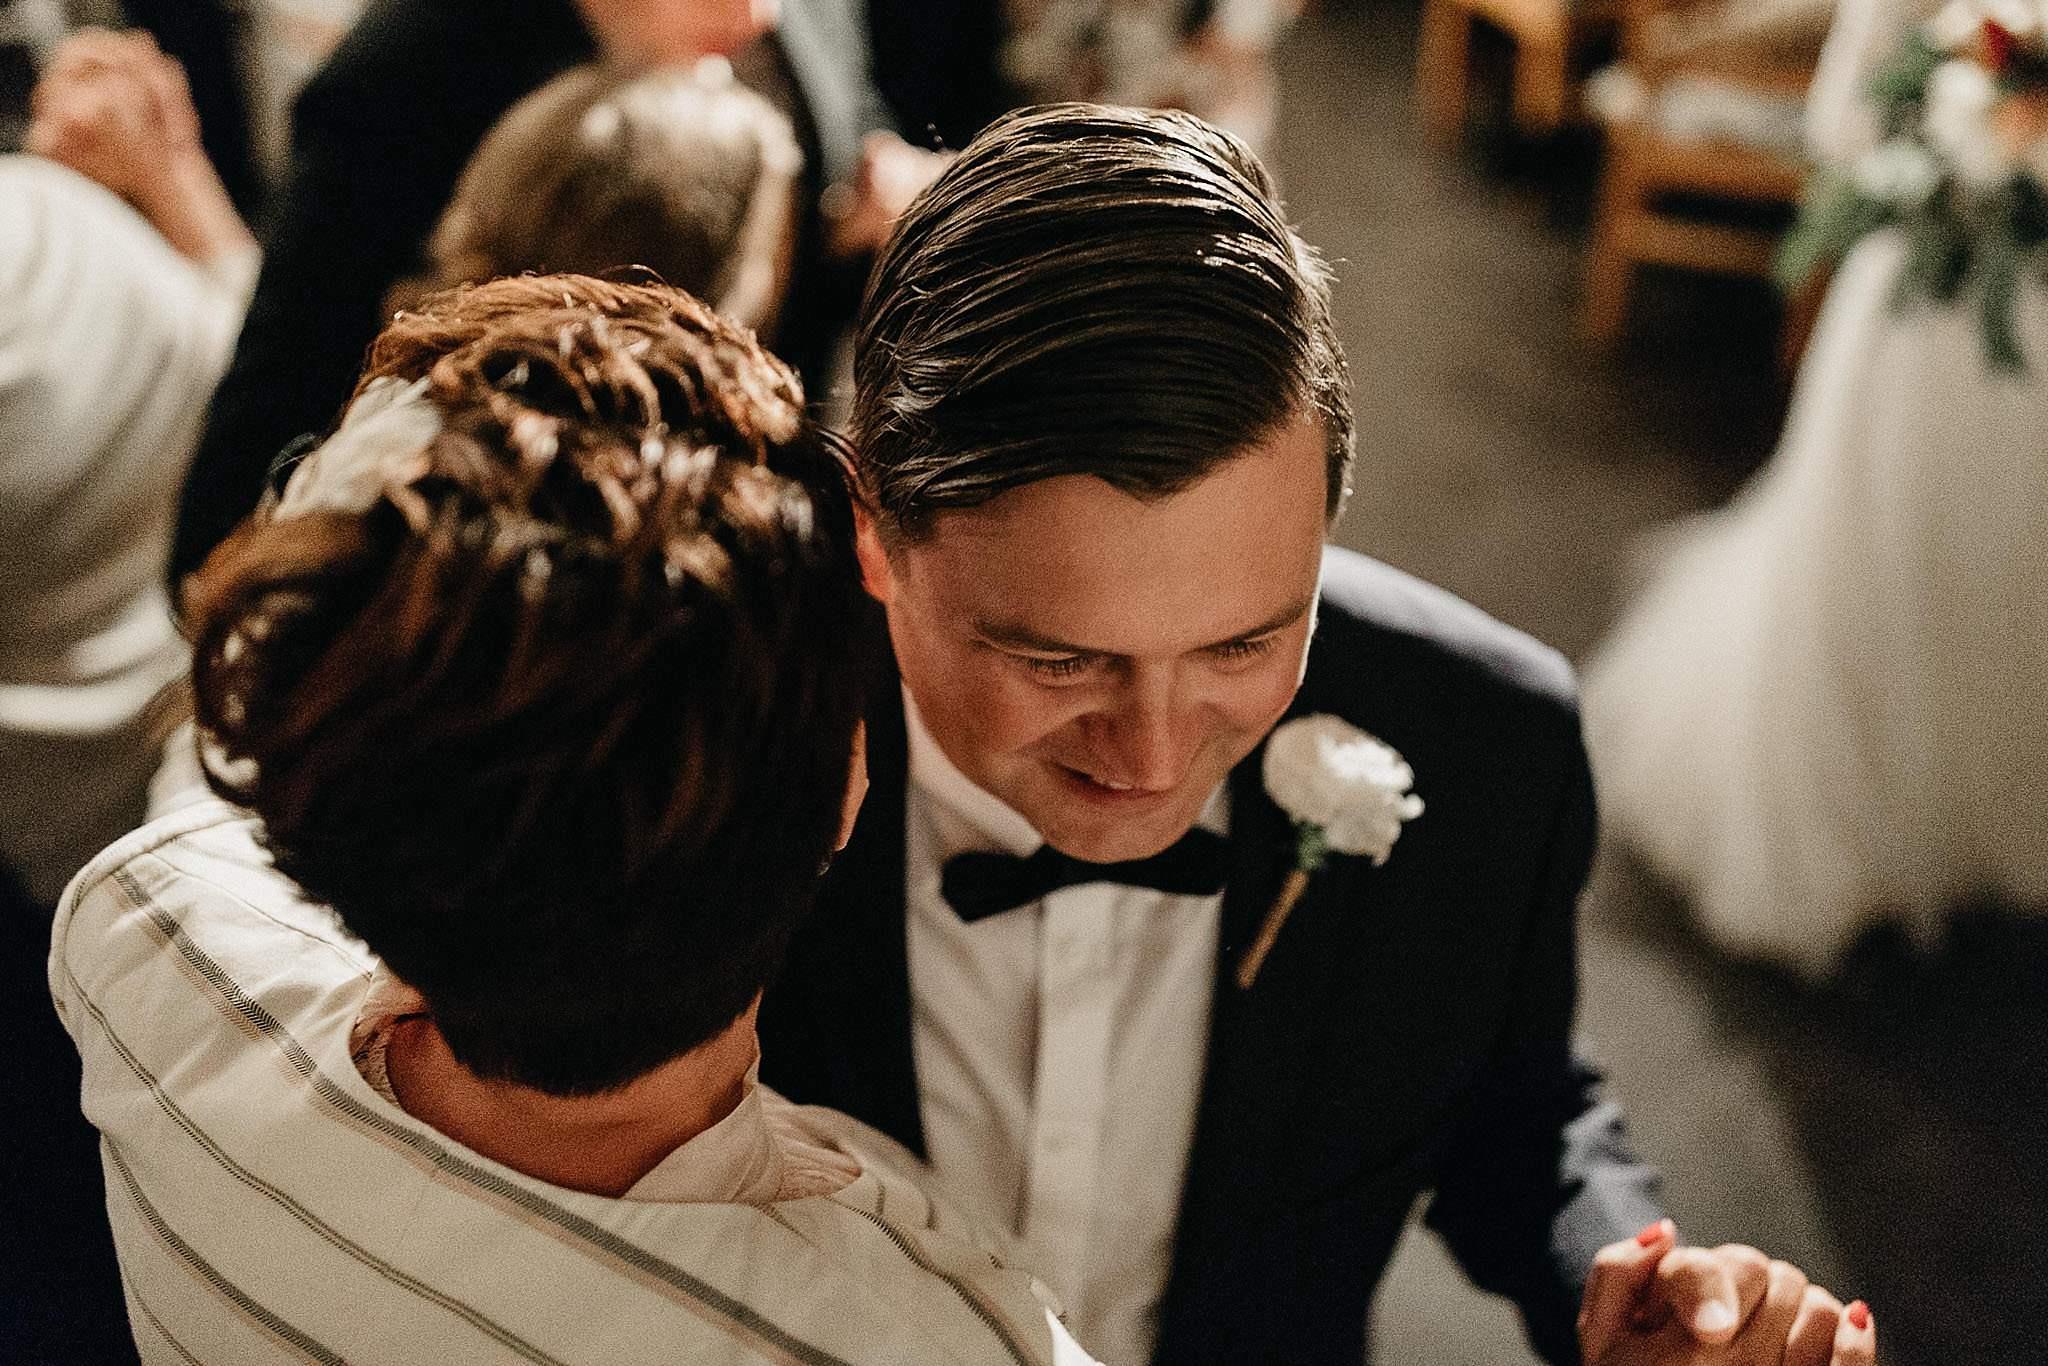 Haakuvaus_wedding_jyvaskyla_muurame_tuomiston_tila_0113.jpg